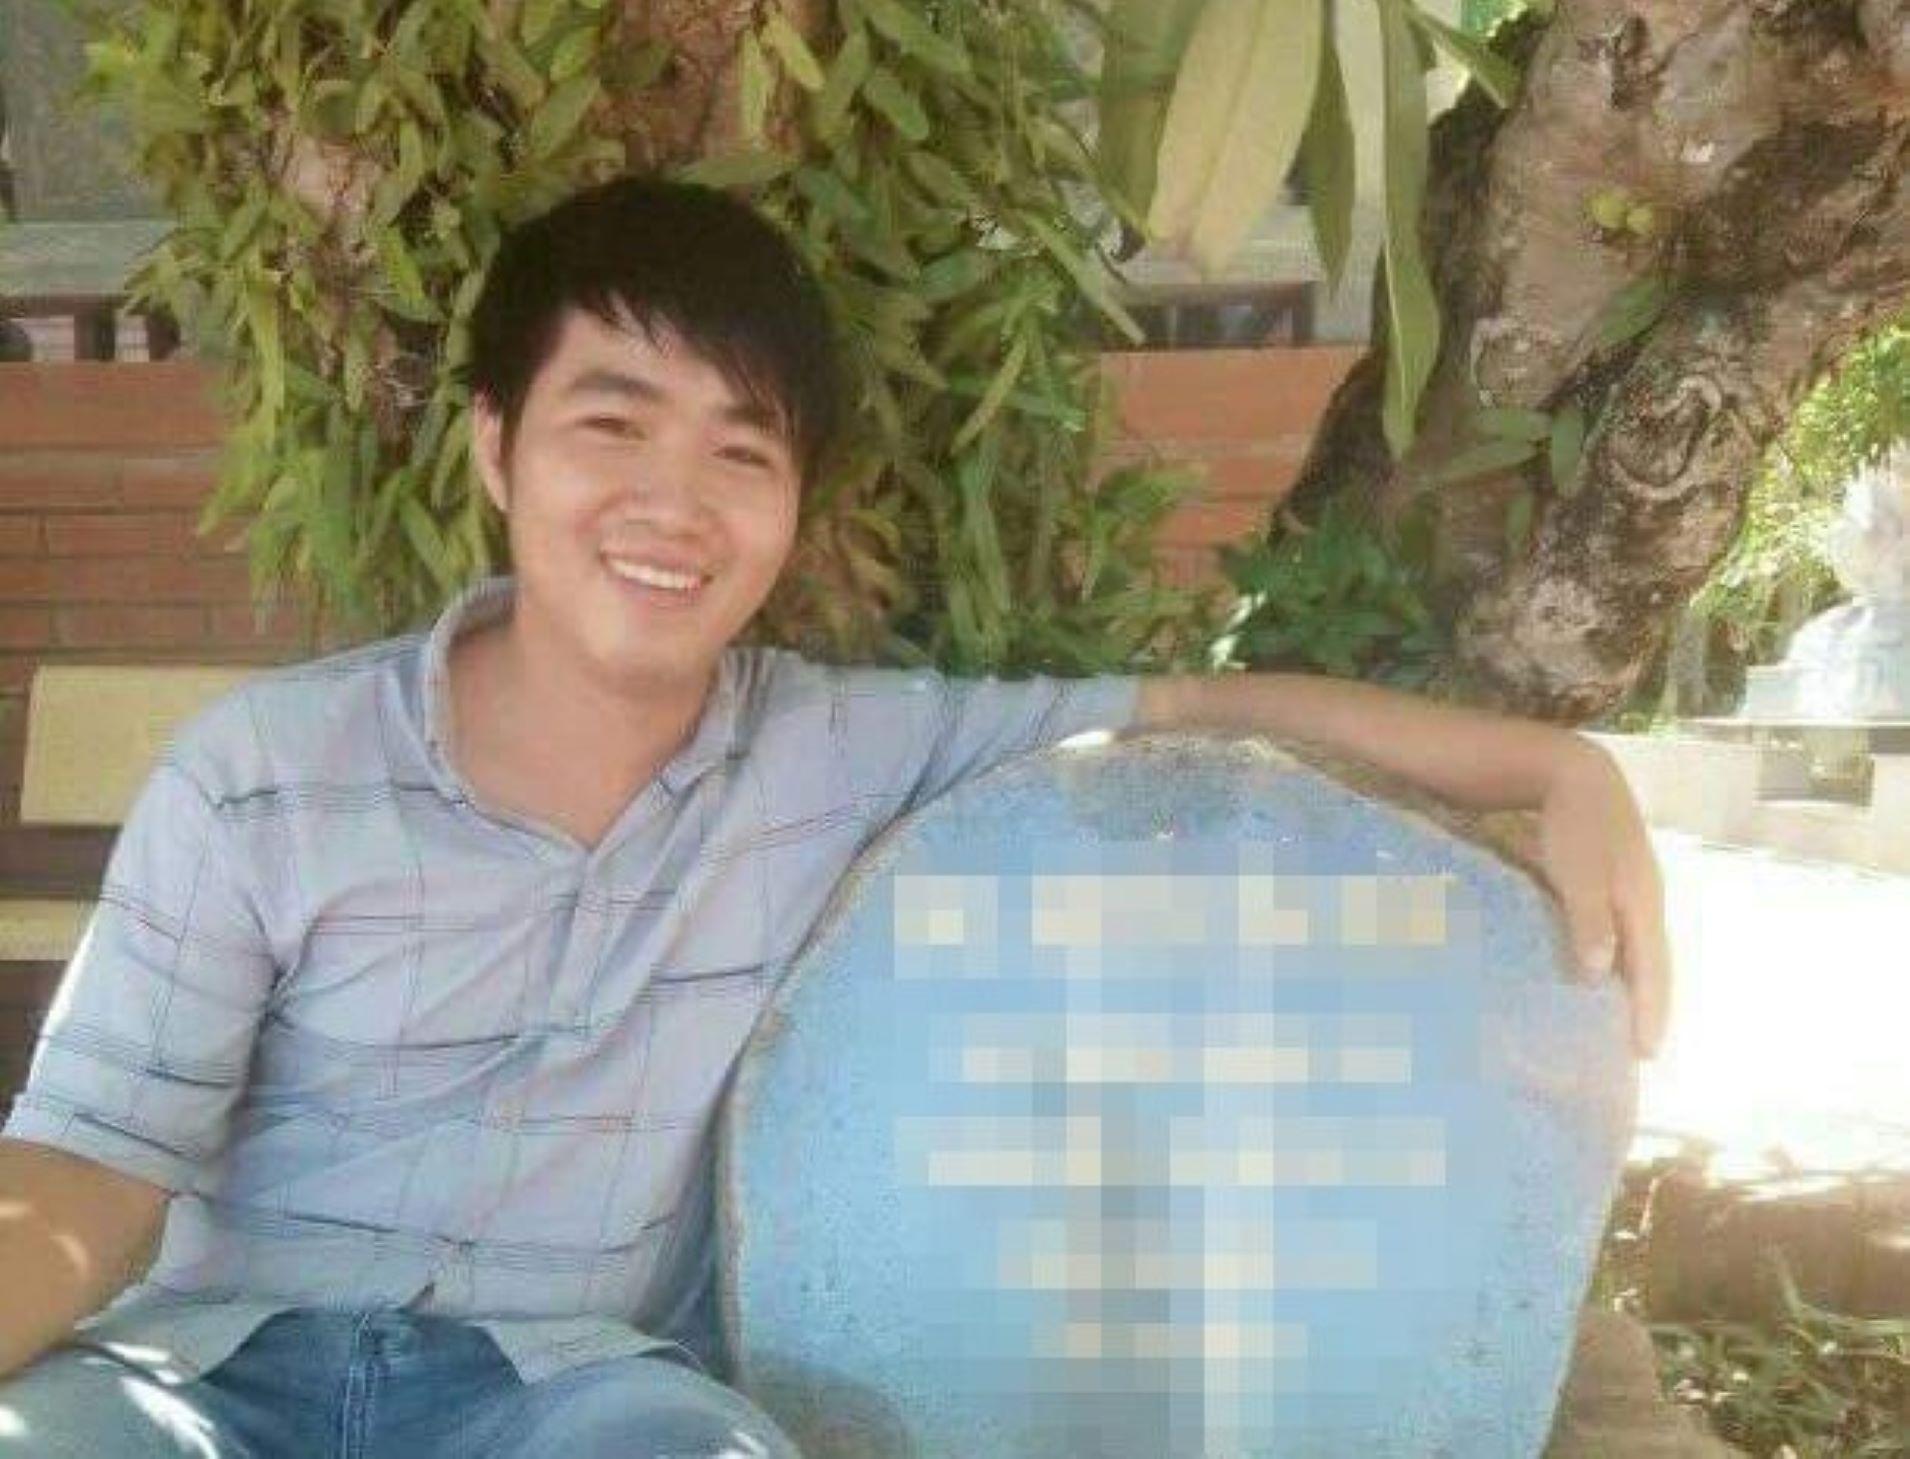 Anh Trương Tấn Huy được xác định mất tích ở khu vực cửa ngõ TP. Cần Thơ